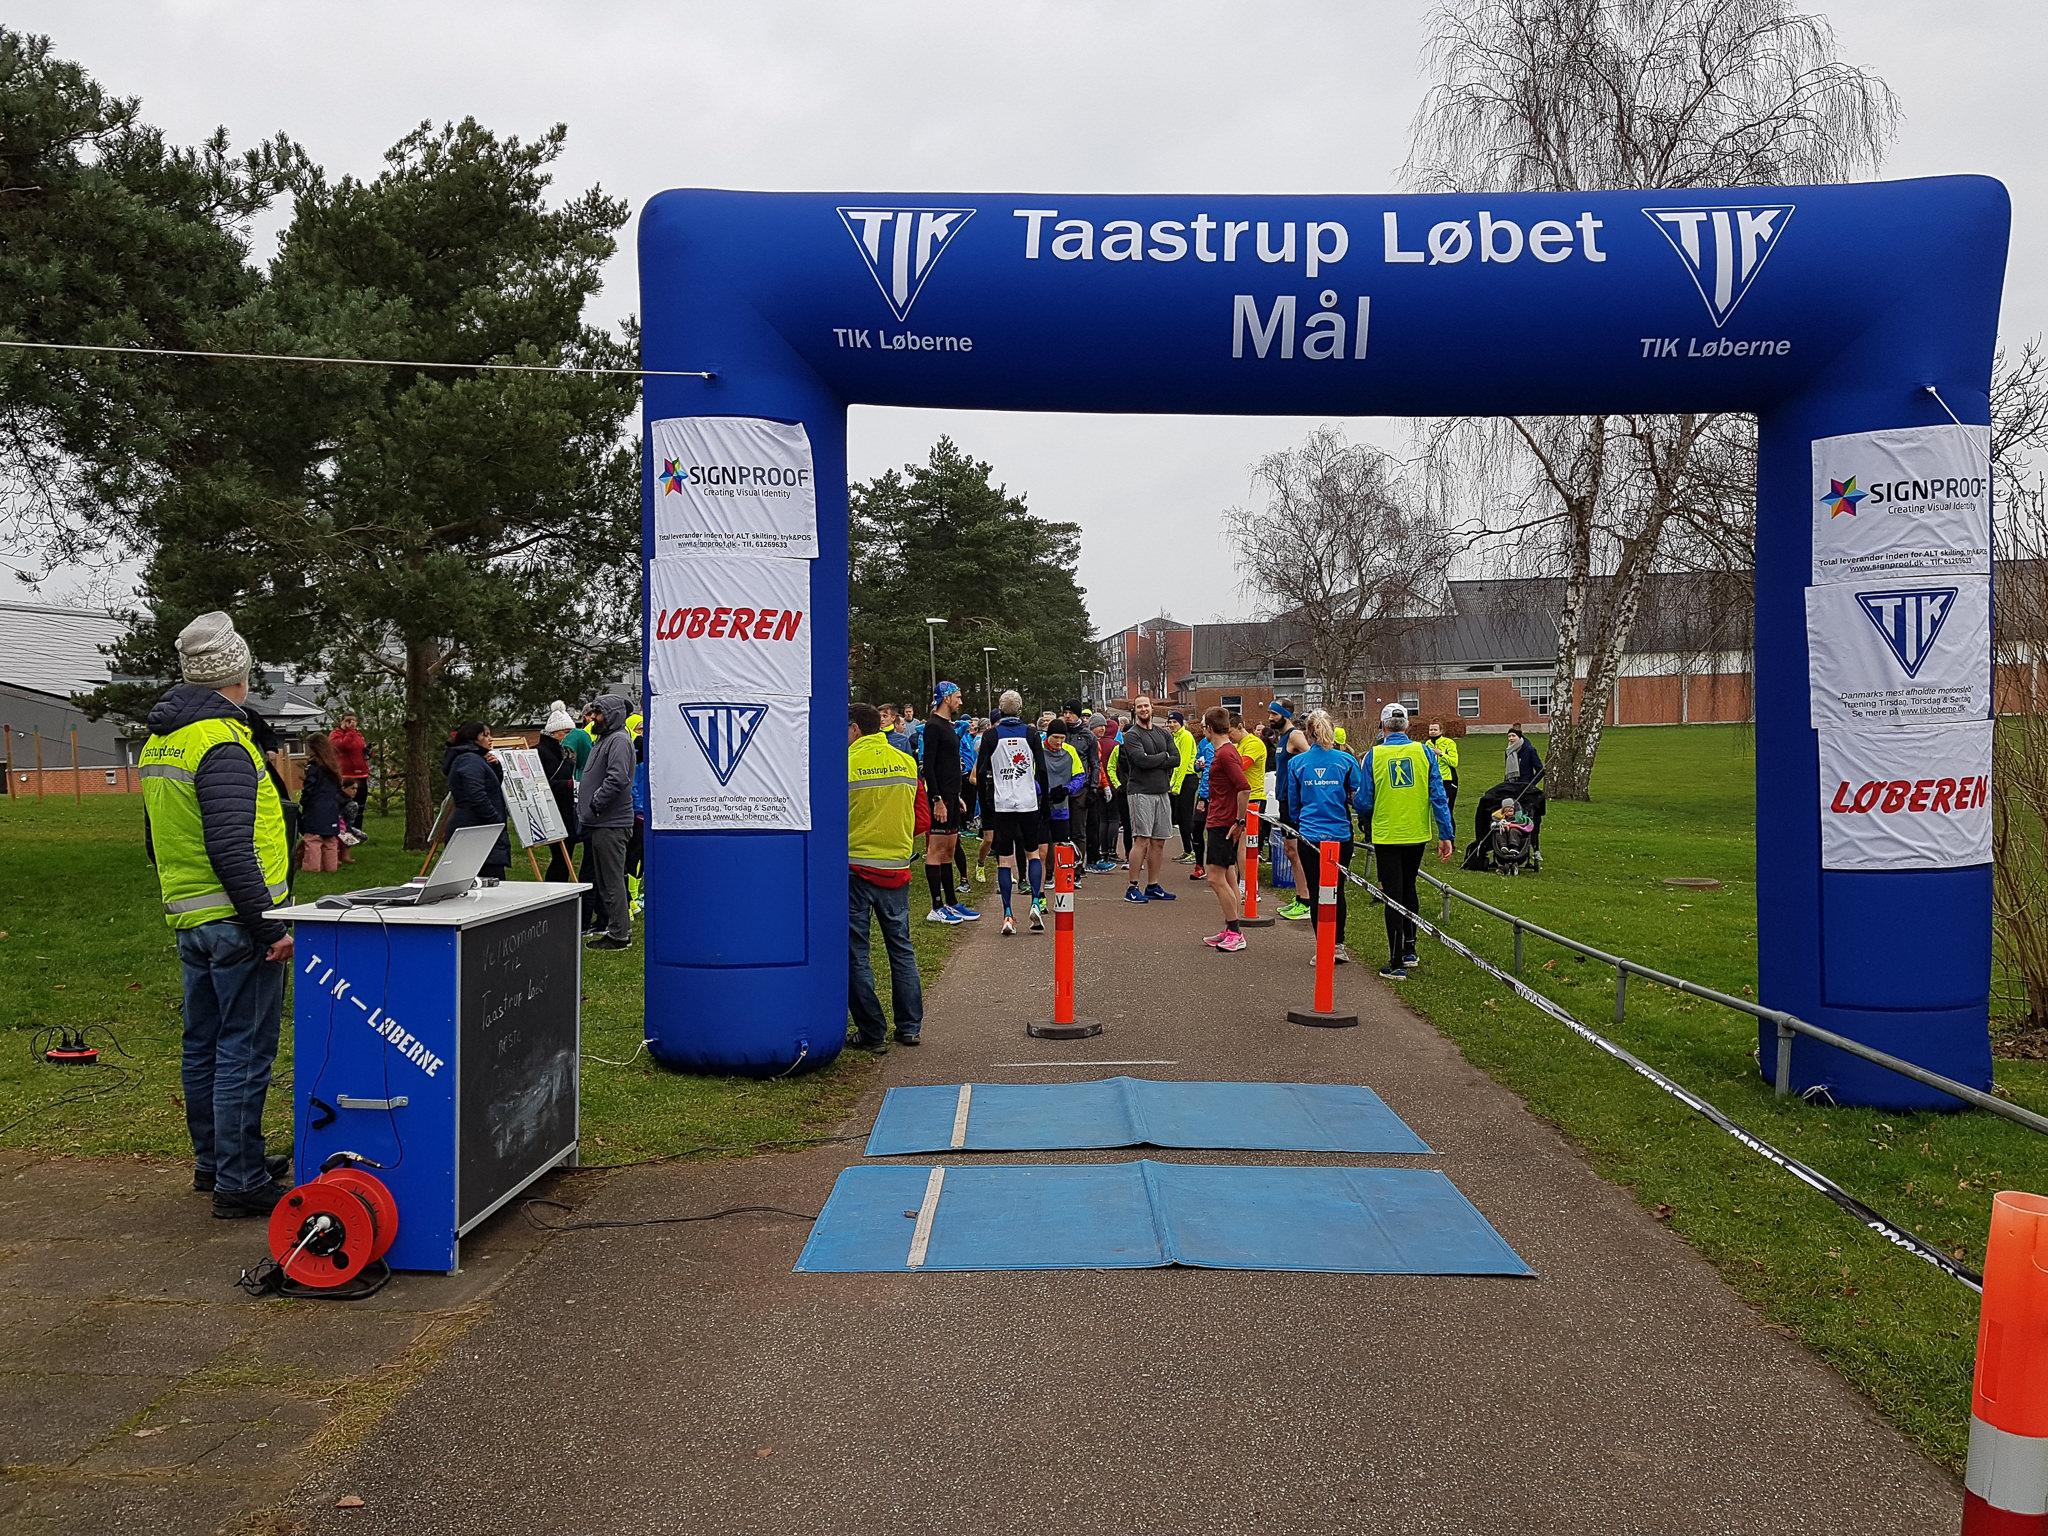 2020-02-09-045-Taastrup-Løbet-2020-02